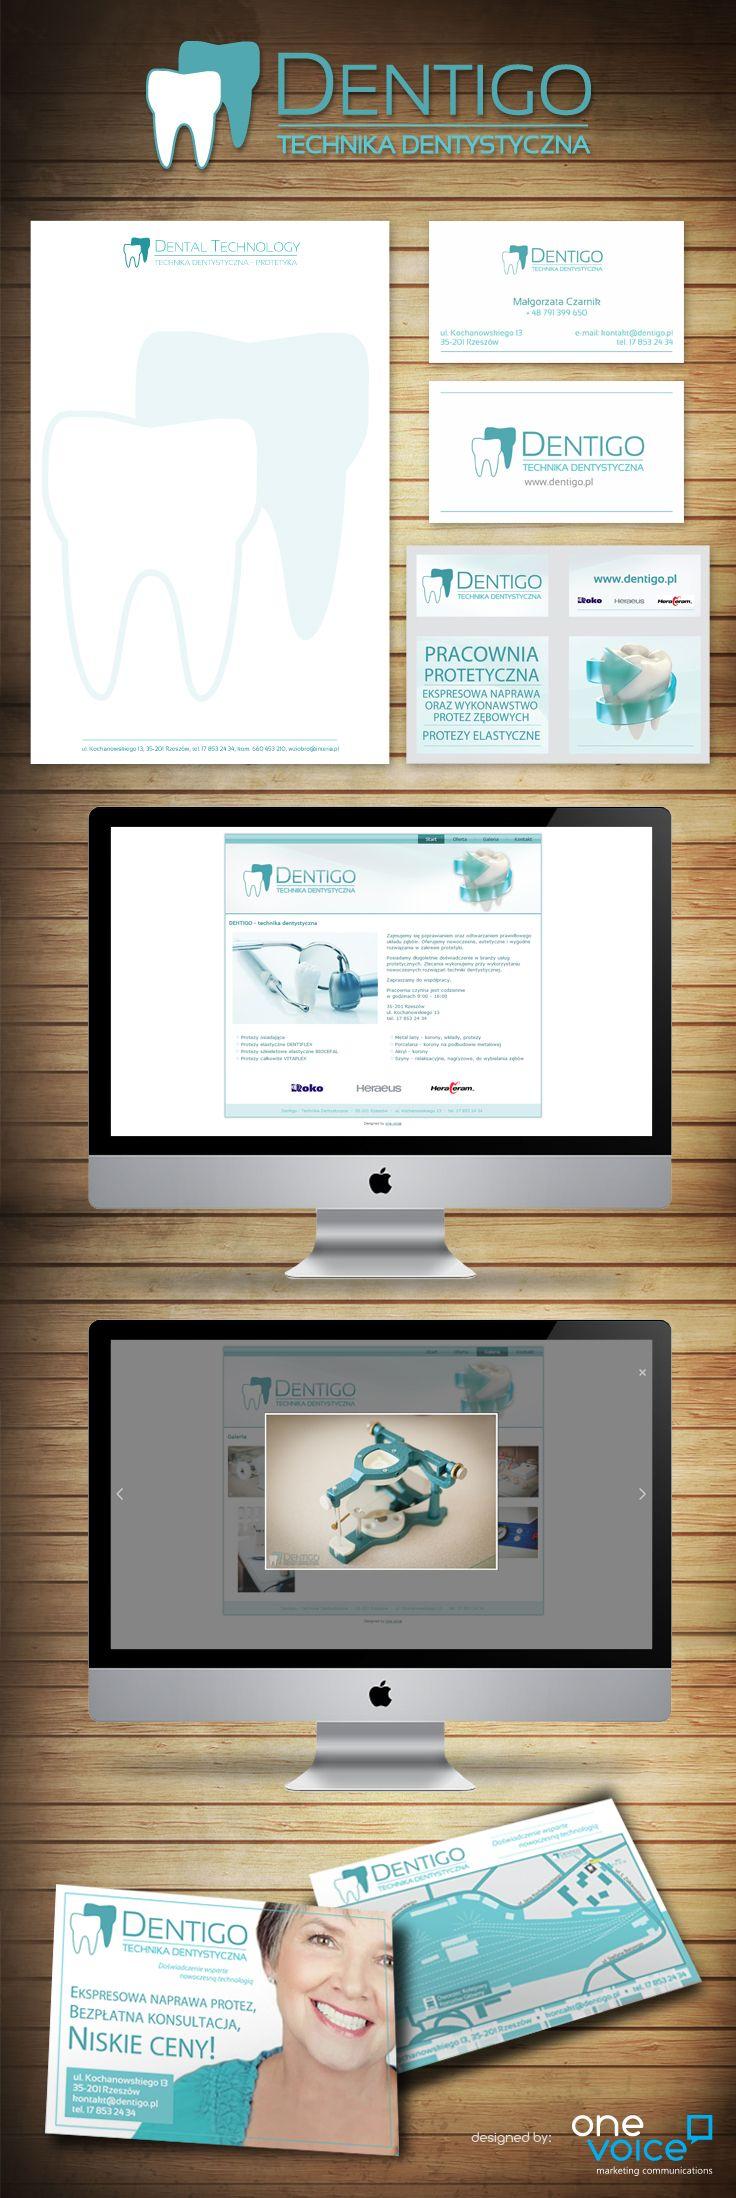 Dentigo. Logo, promotional materials and web design